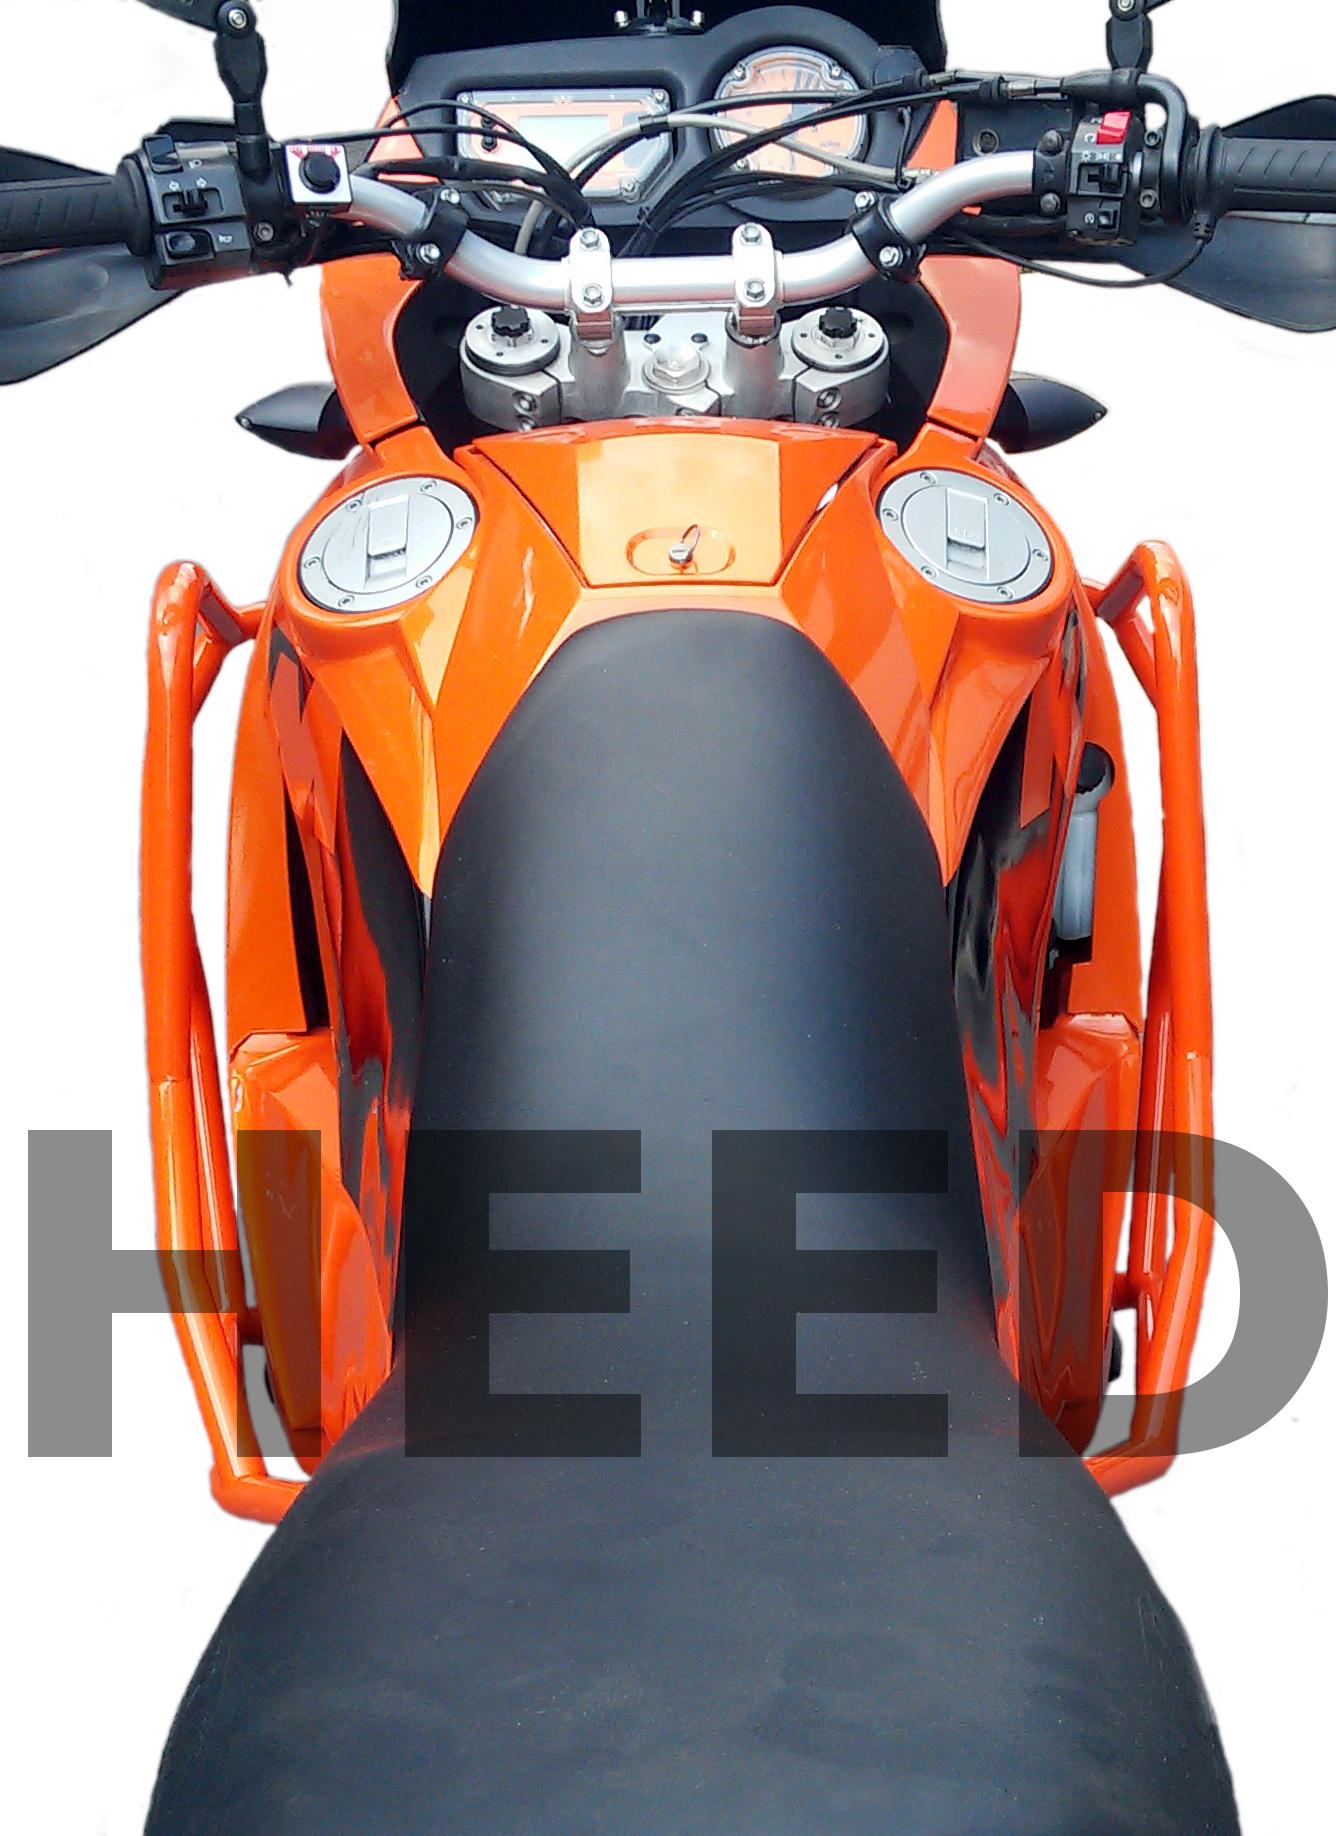 noir 02-06 Pare carters HEED pour des motos 950 Adventure